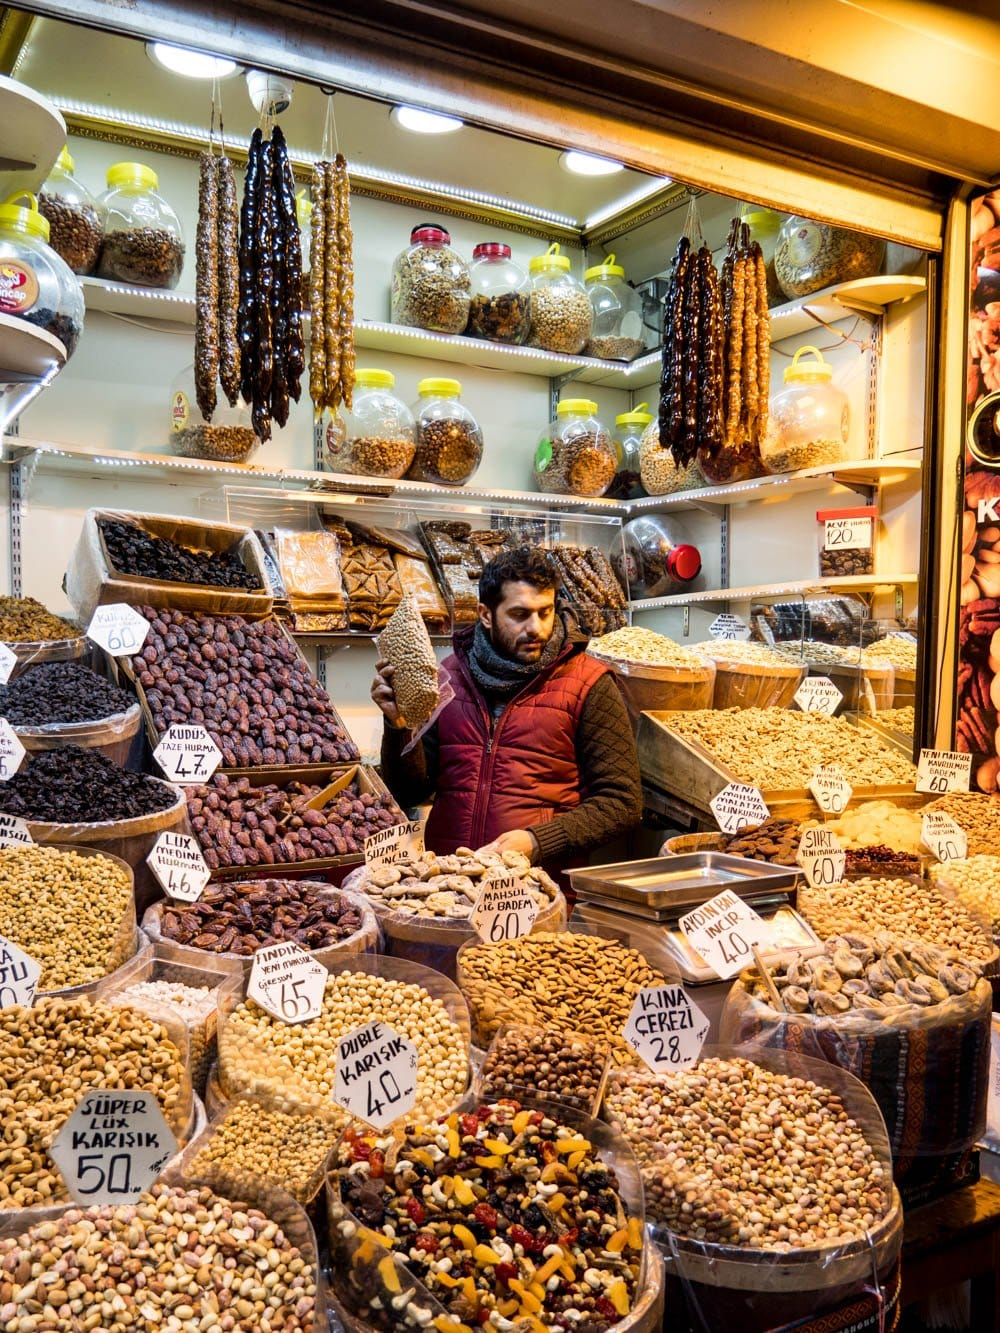 Nøtteselger ved inngangen til kryddermarkedet i Istanbul (Misir carsisi) / Et kjøkken i Istanbul